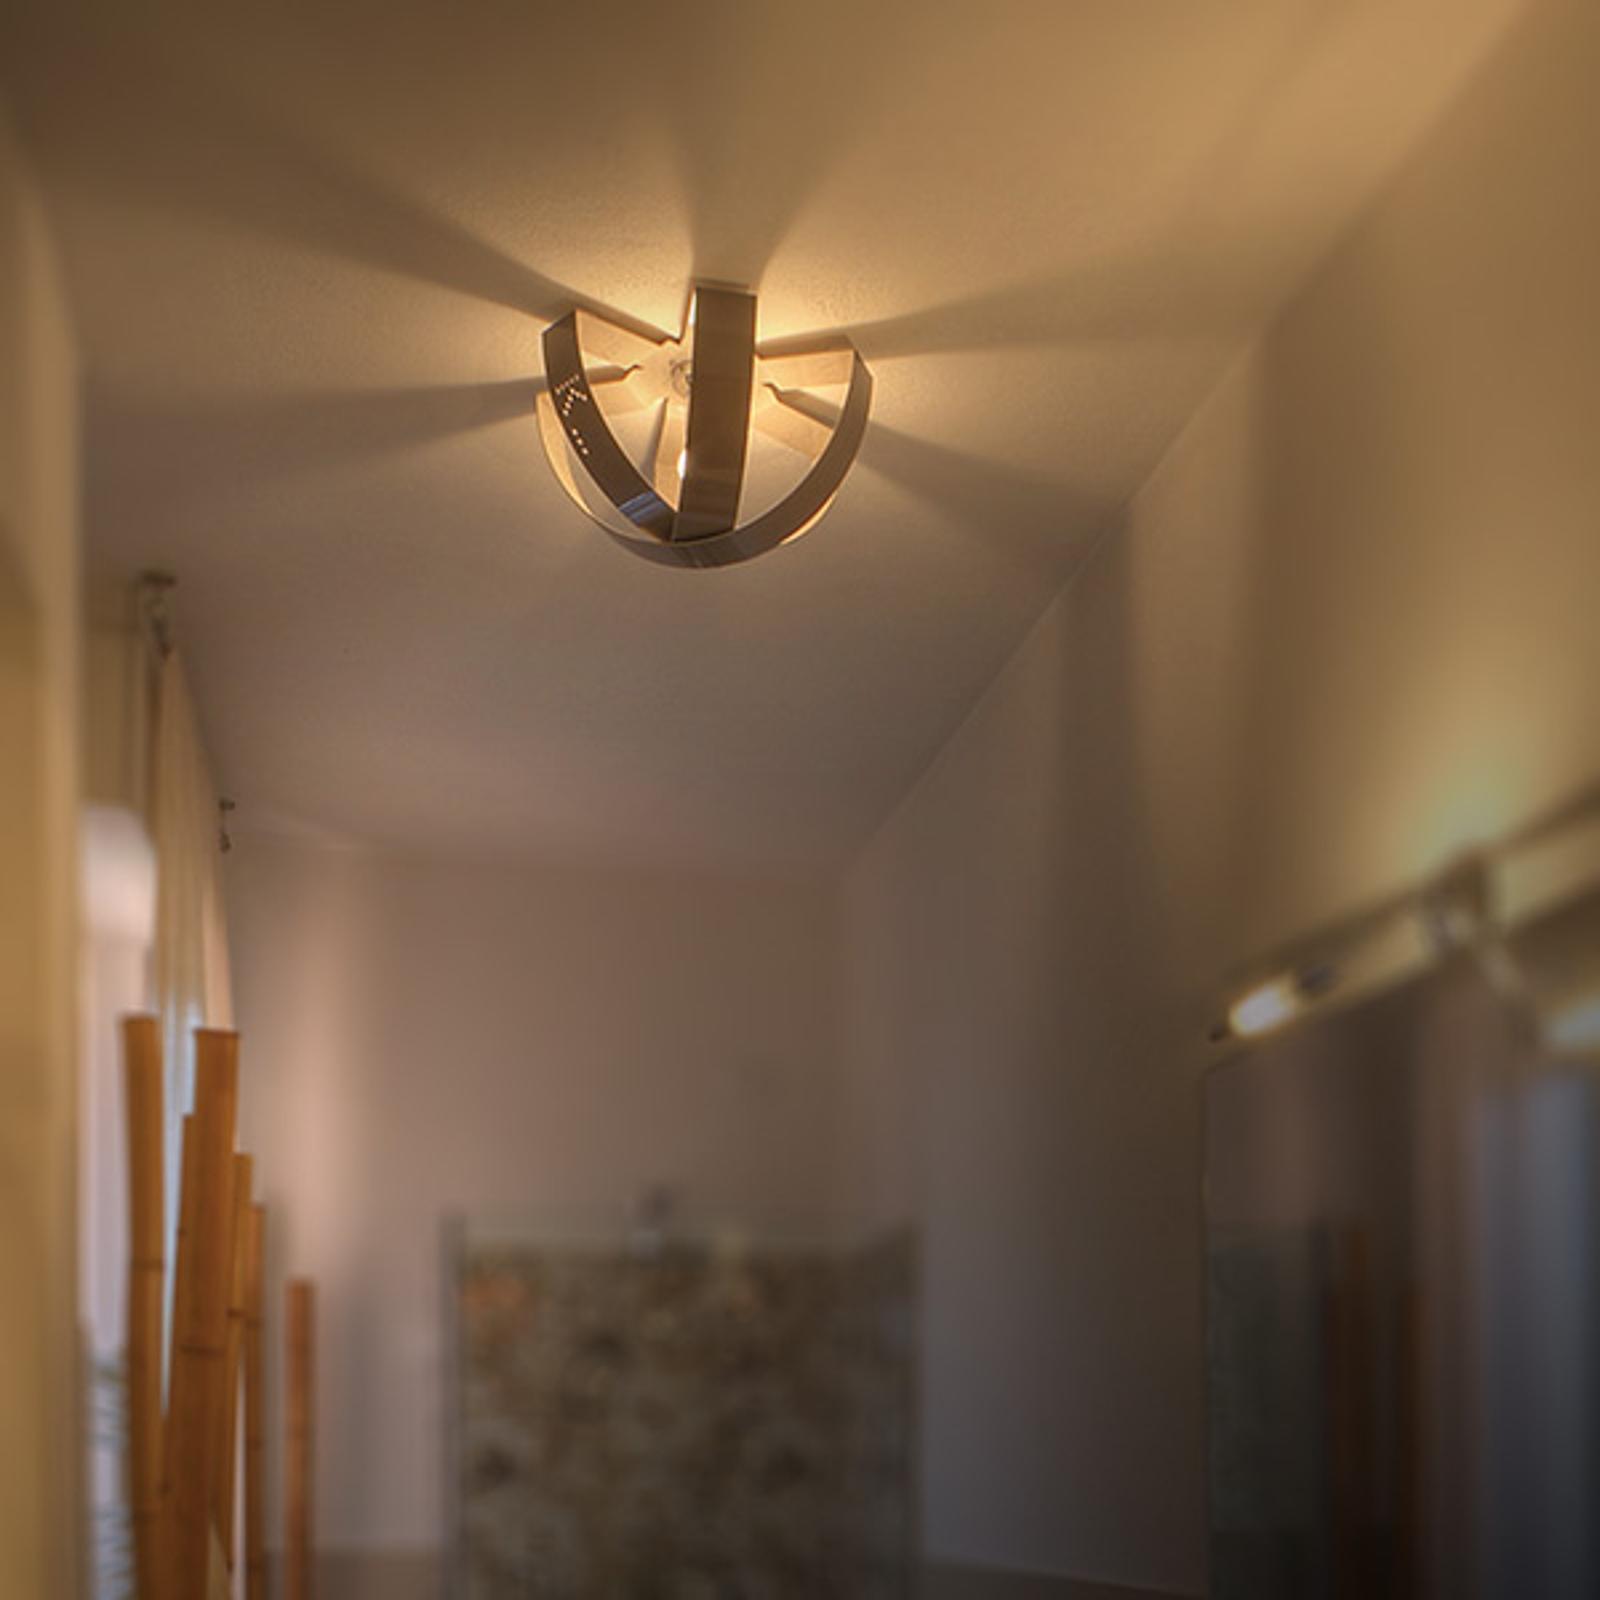 Forgylt vegg- og taklampe Ecliptika, 40cm